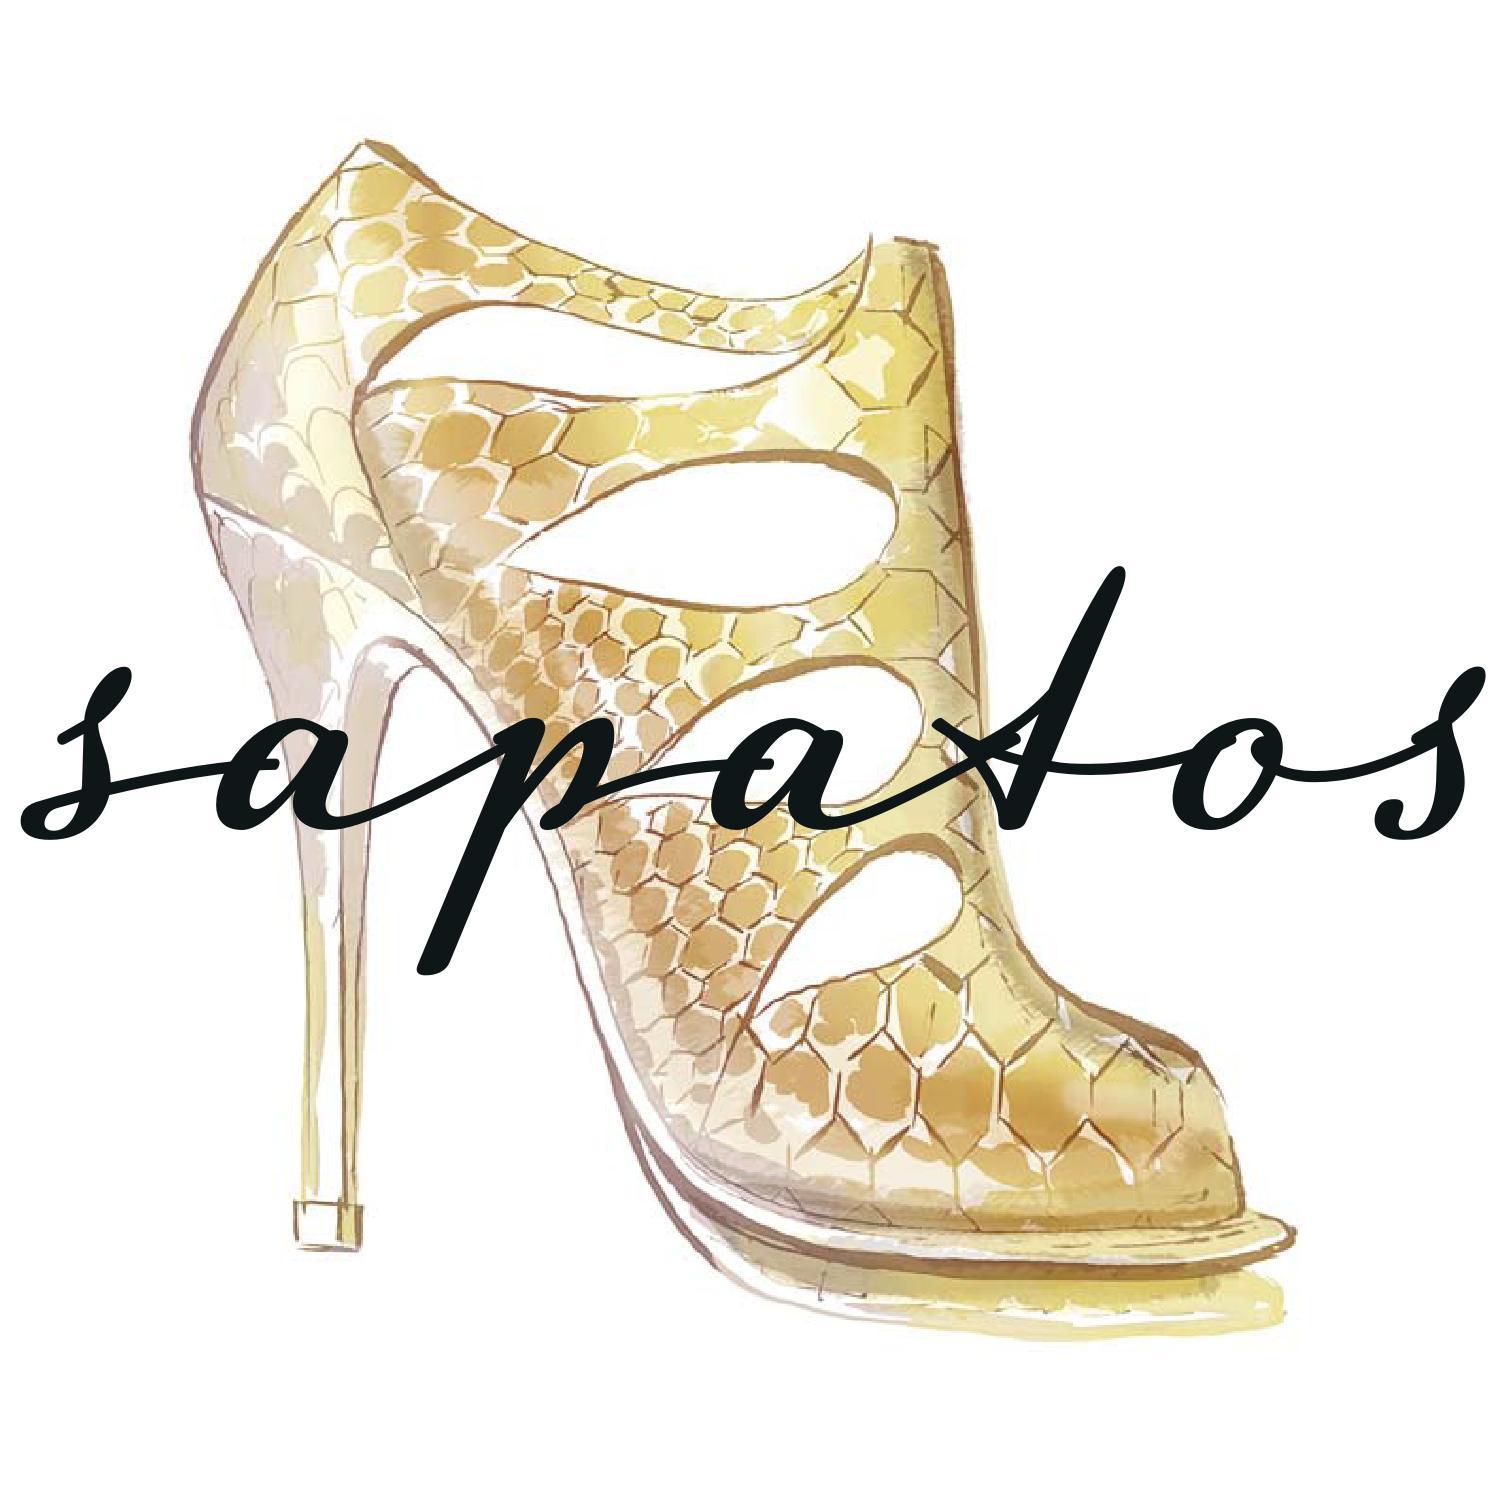 bd75e56bdd Sapatos by Quattro Projetos - issuu